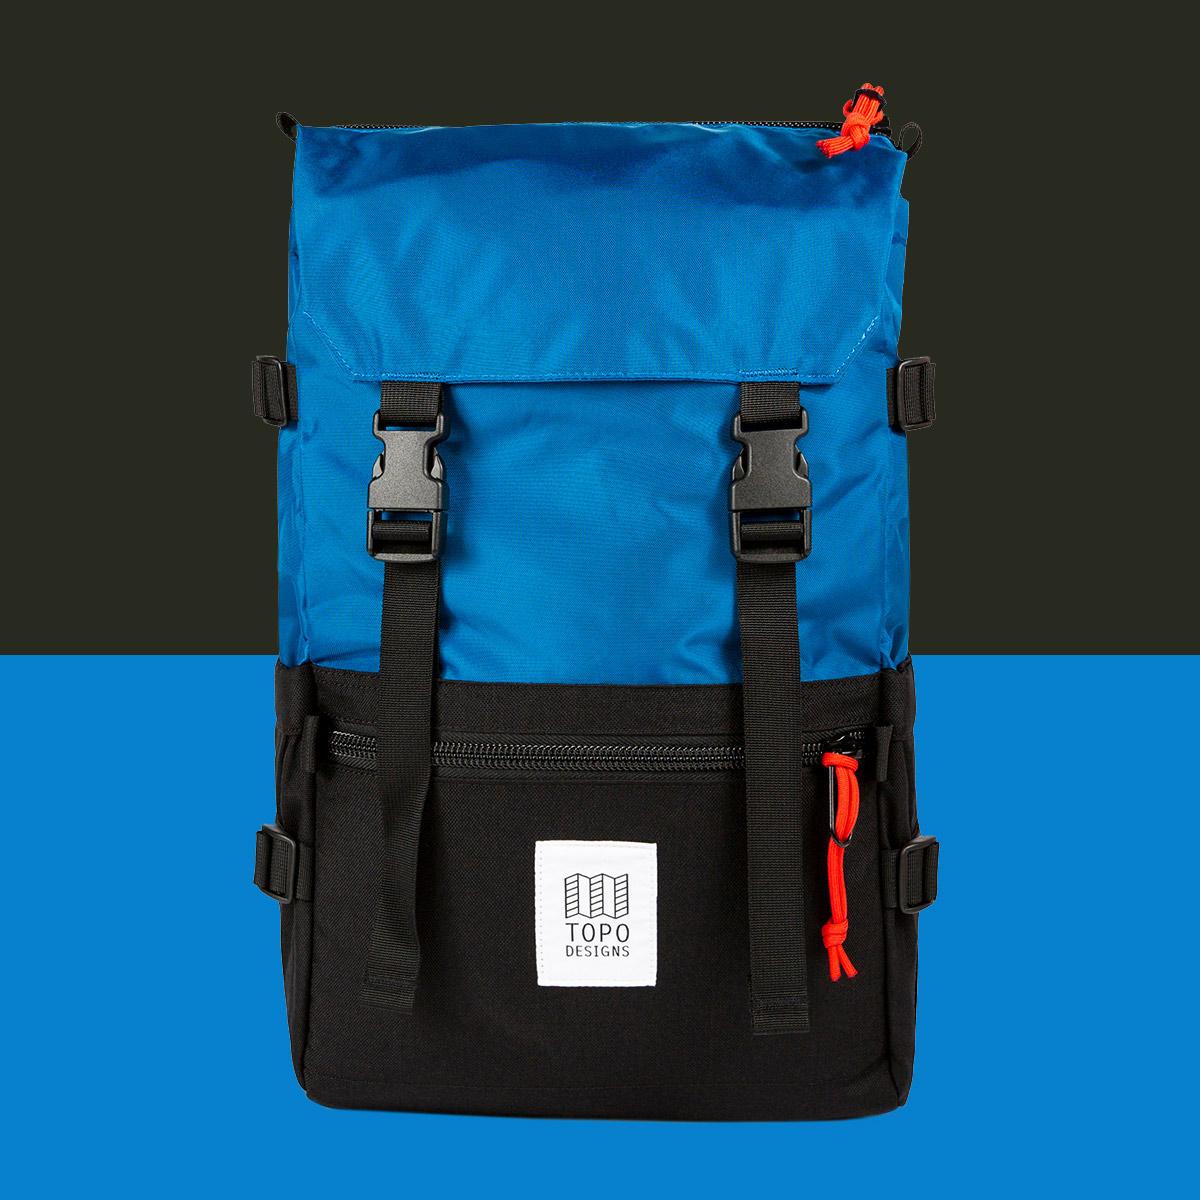 Topo Designs Rover Pack Classic Blue/Black, de ultieme rugzak voor dagelijks gebruik